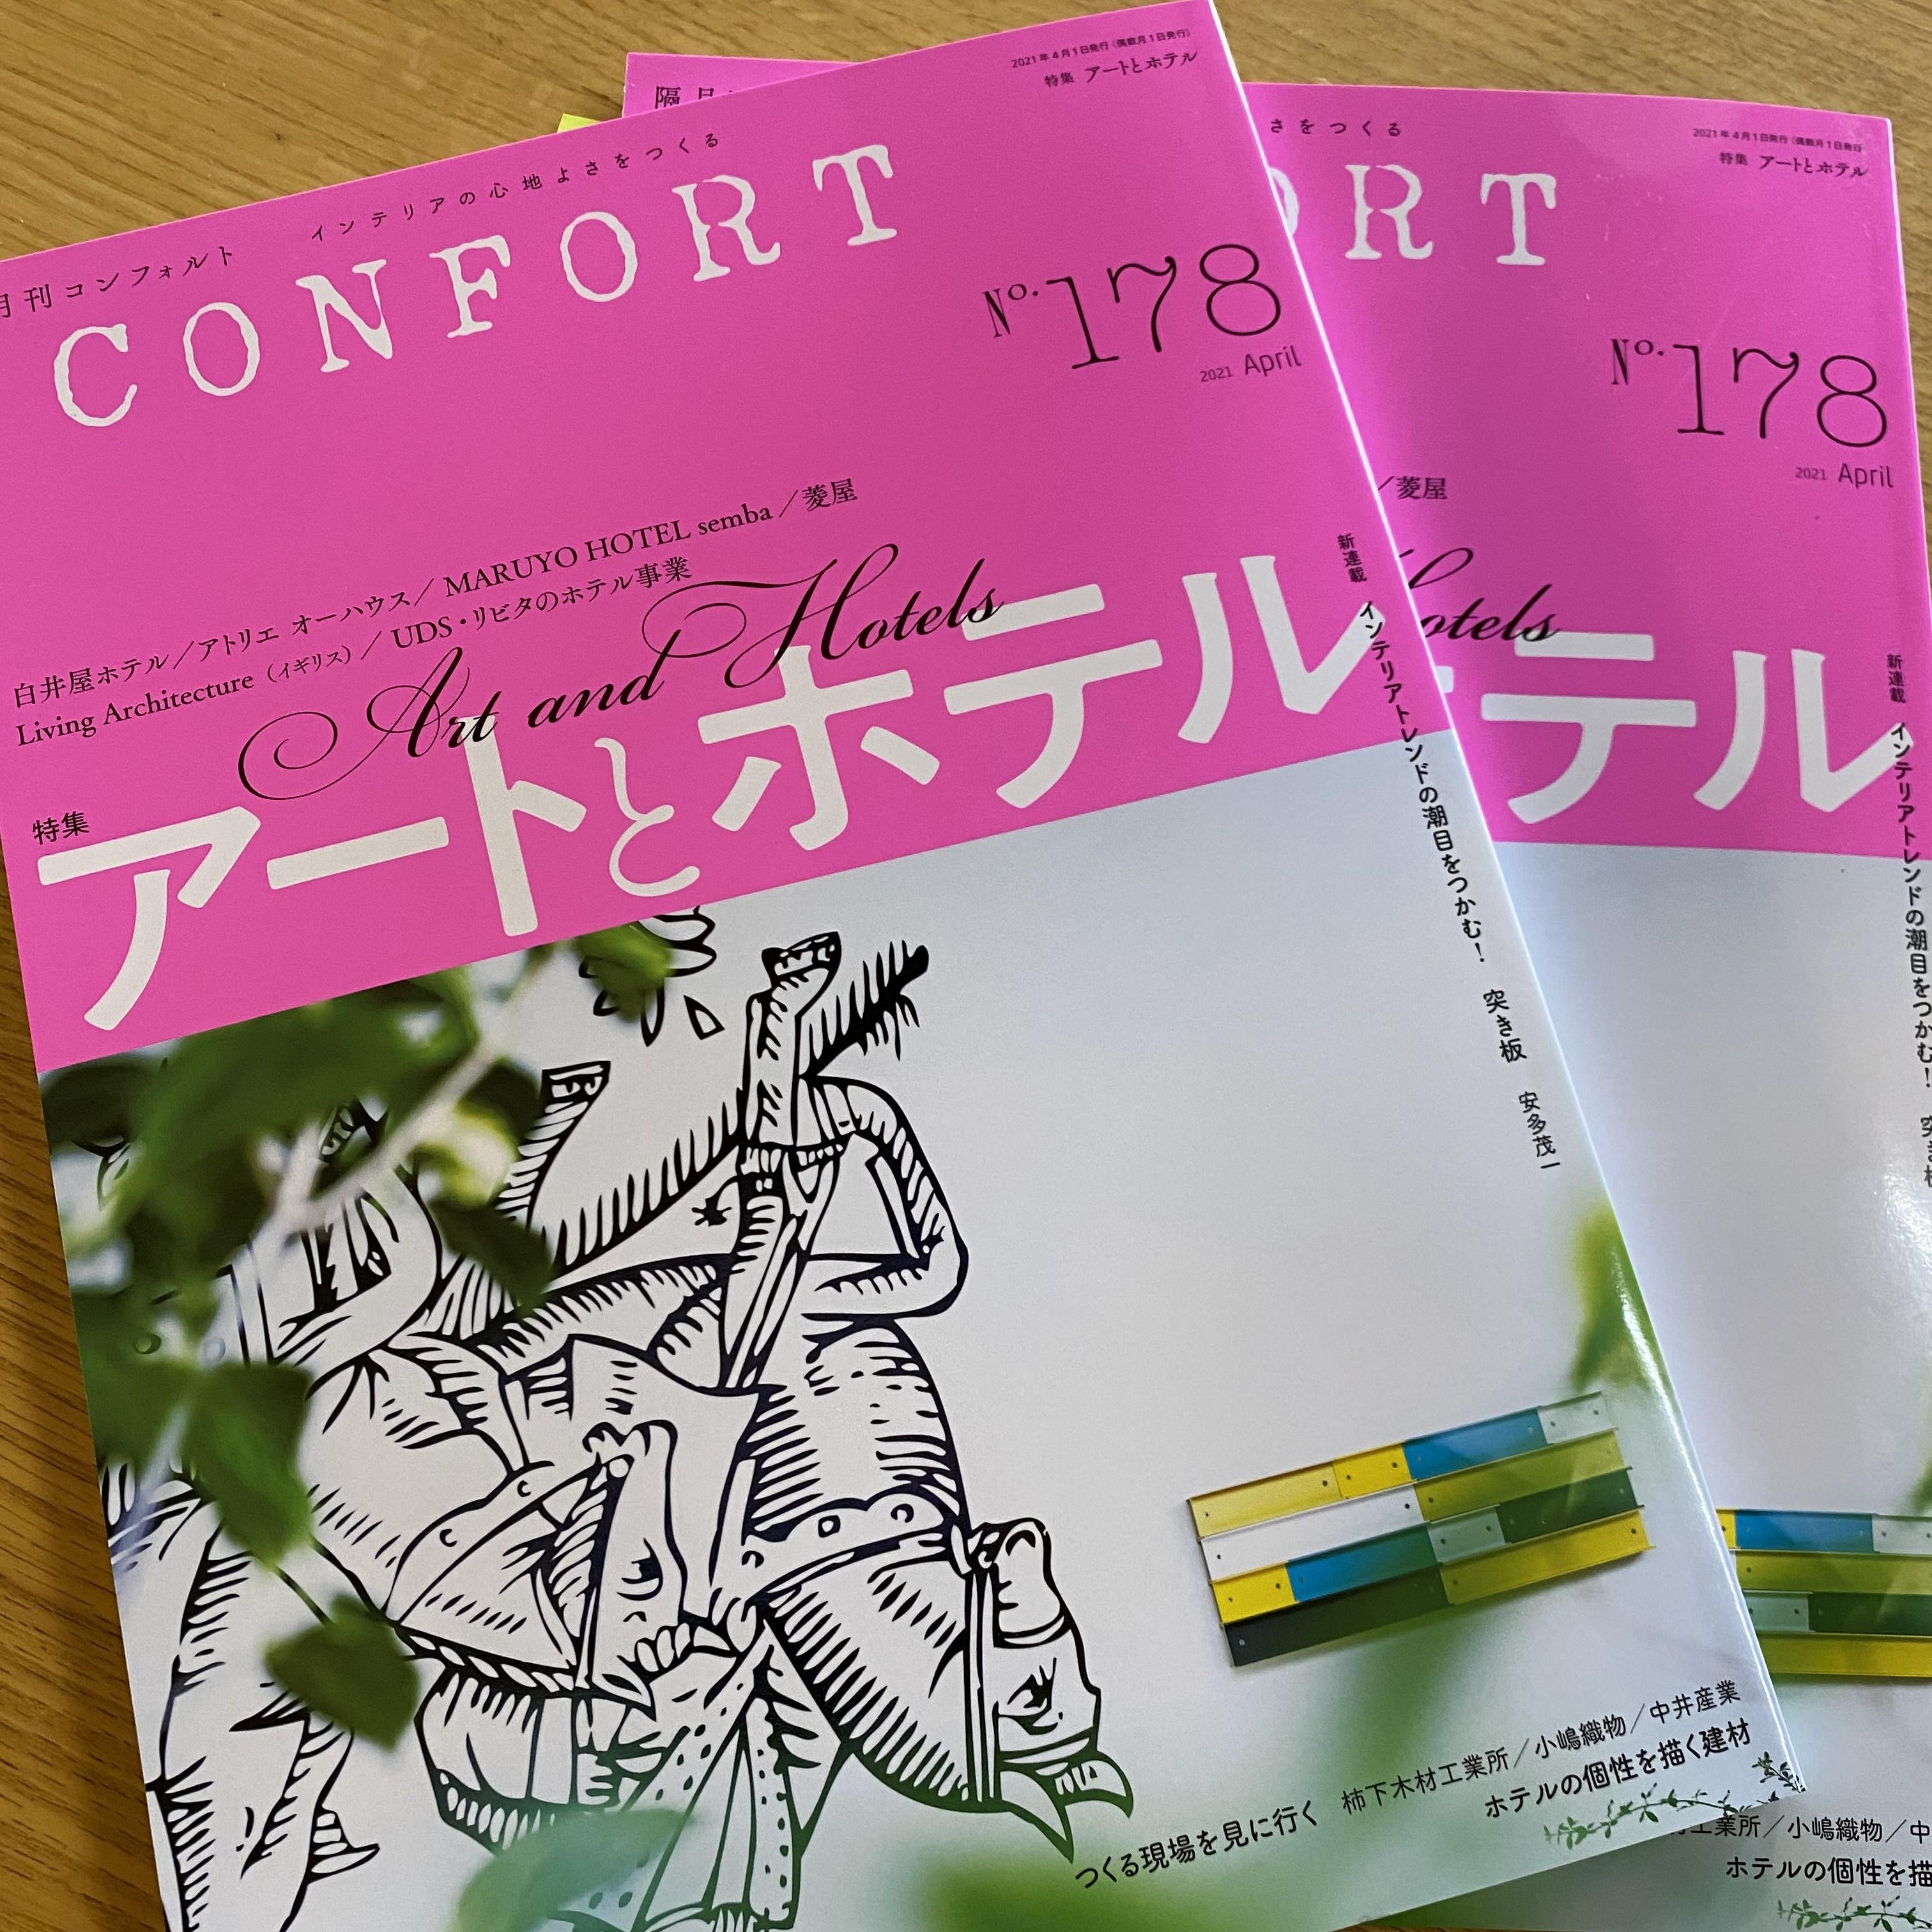 【掲載情報】コンフォルト178号 つくる現場を見に行く